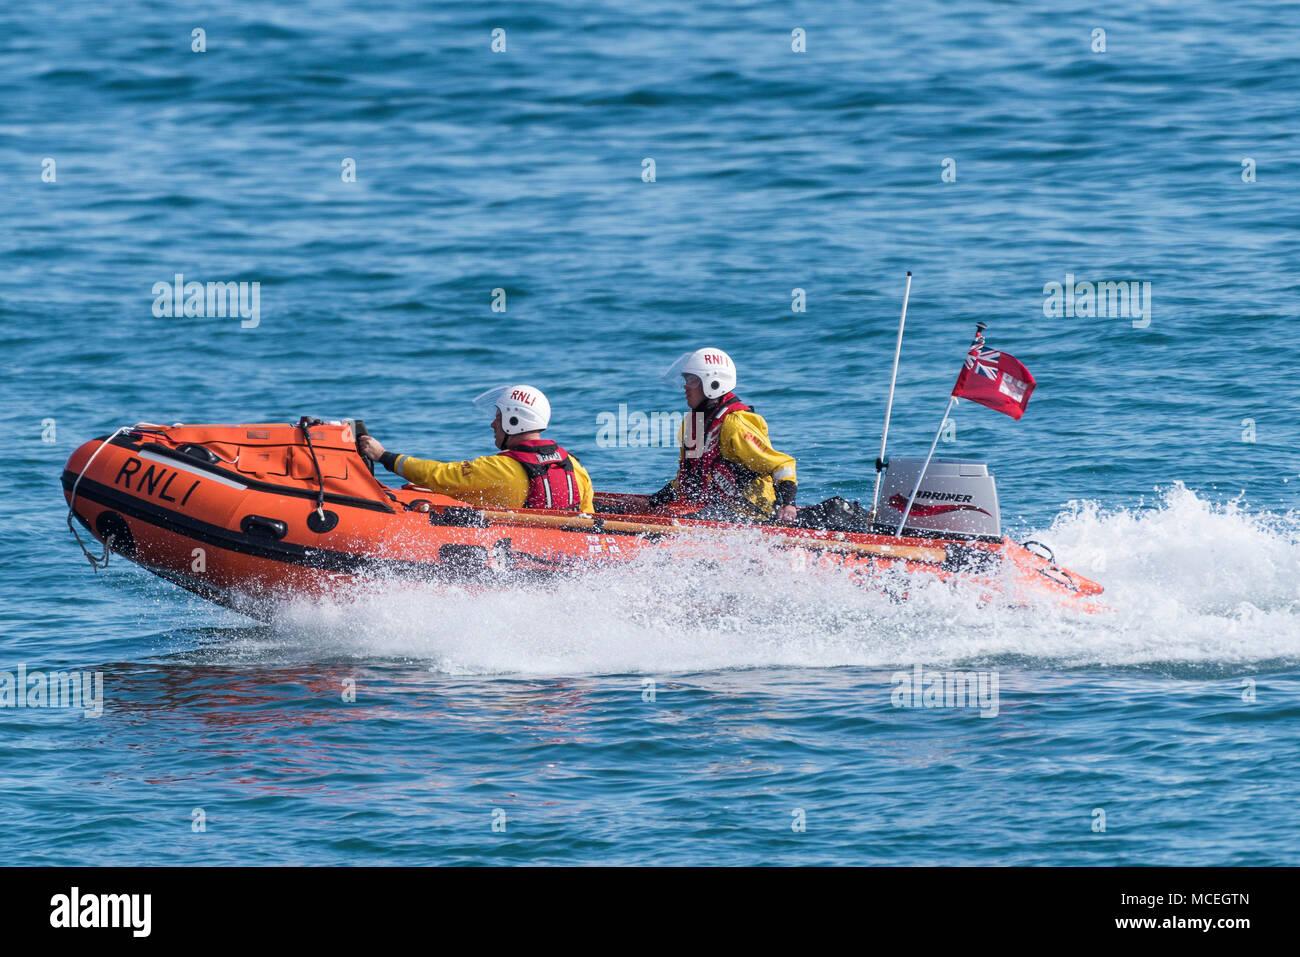 Die newquay Küstennahe Rettungsfahrzeug und seine ehrenamtliche Crew an einem GMICE (Gute Medizin in anspruchsvollen Umgebungen) Major Incident Übung i Stockbild